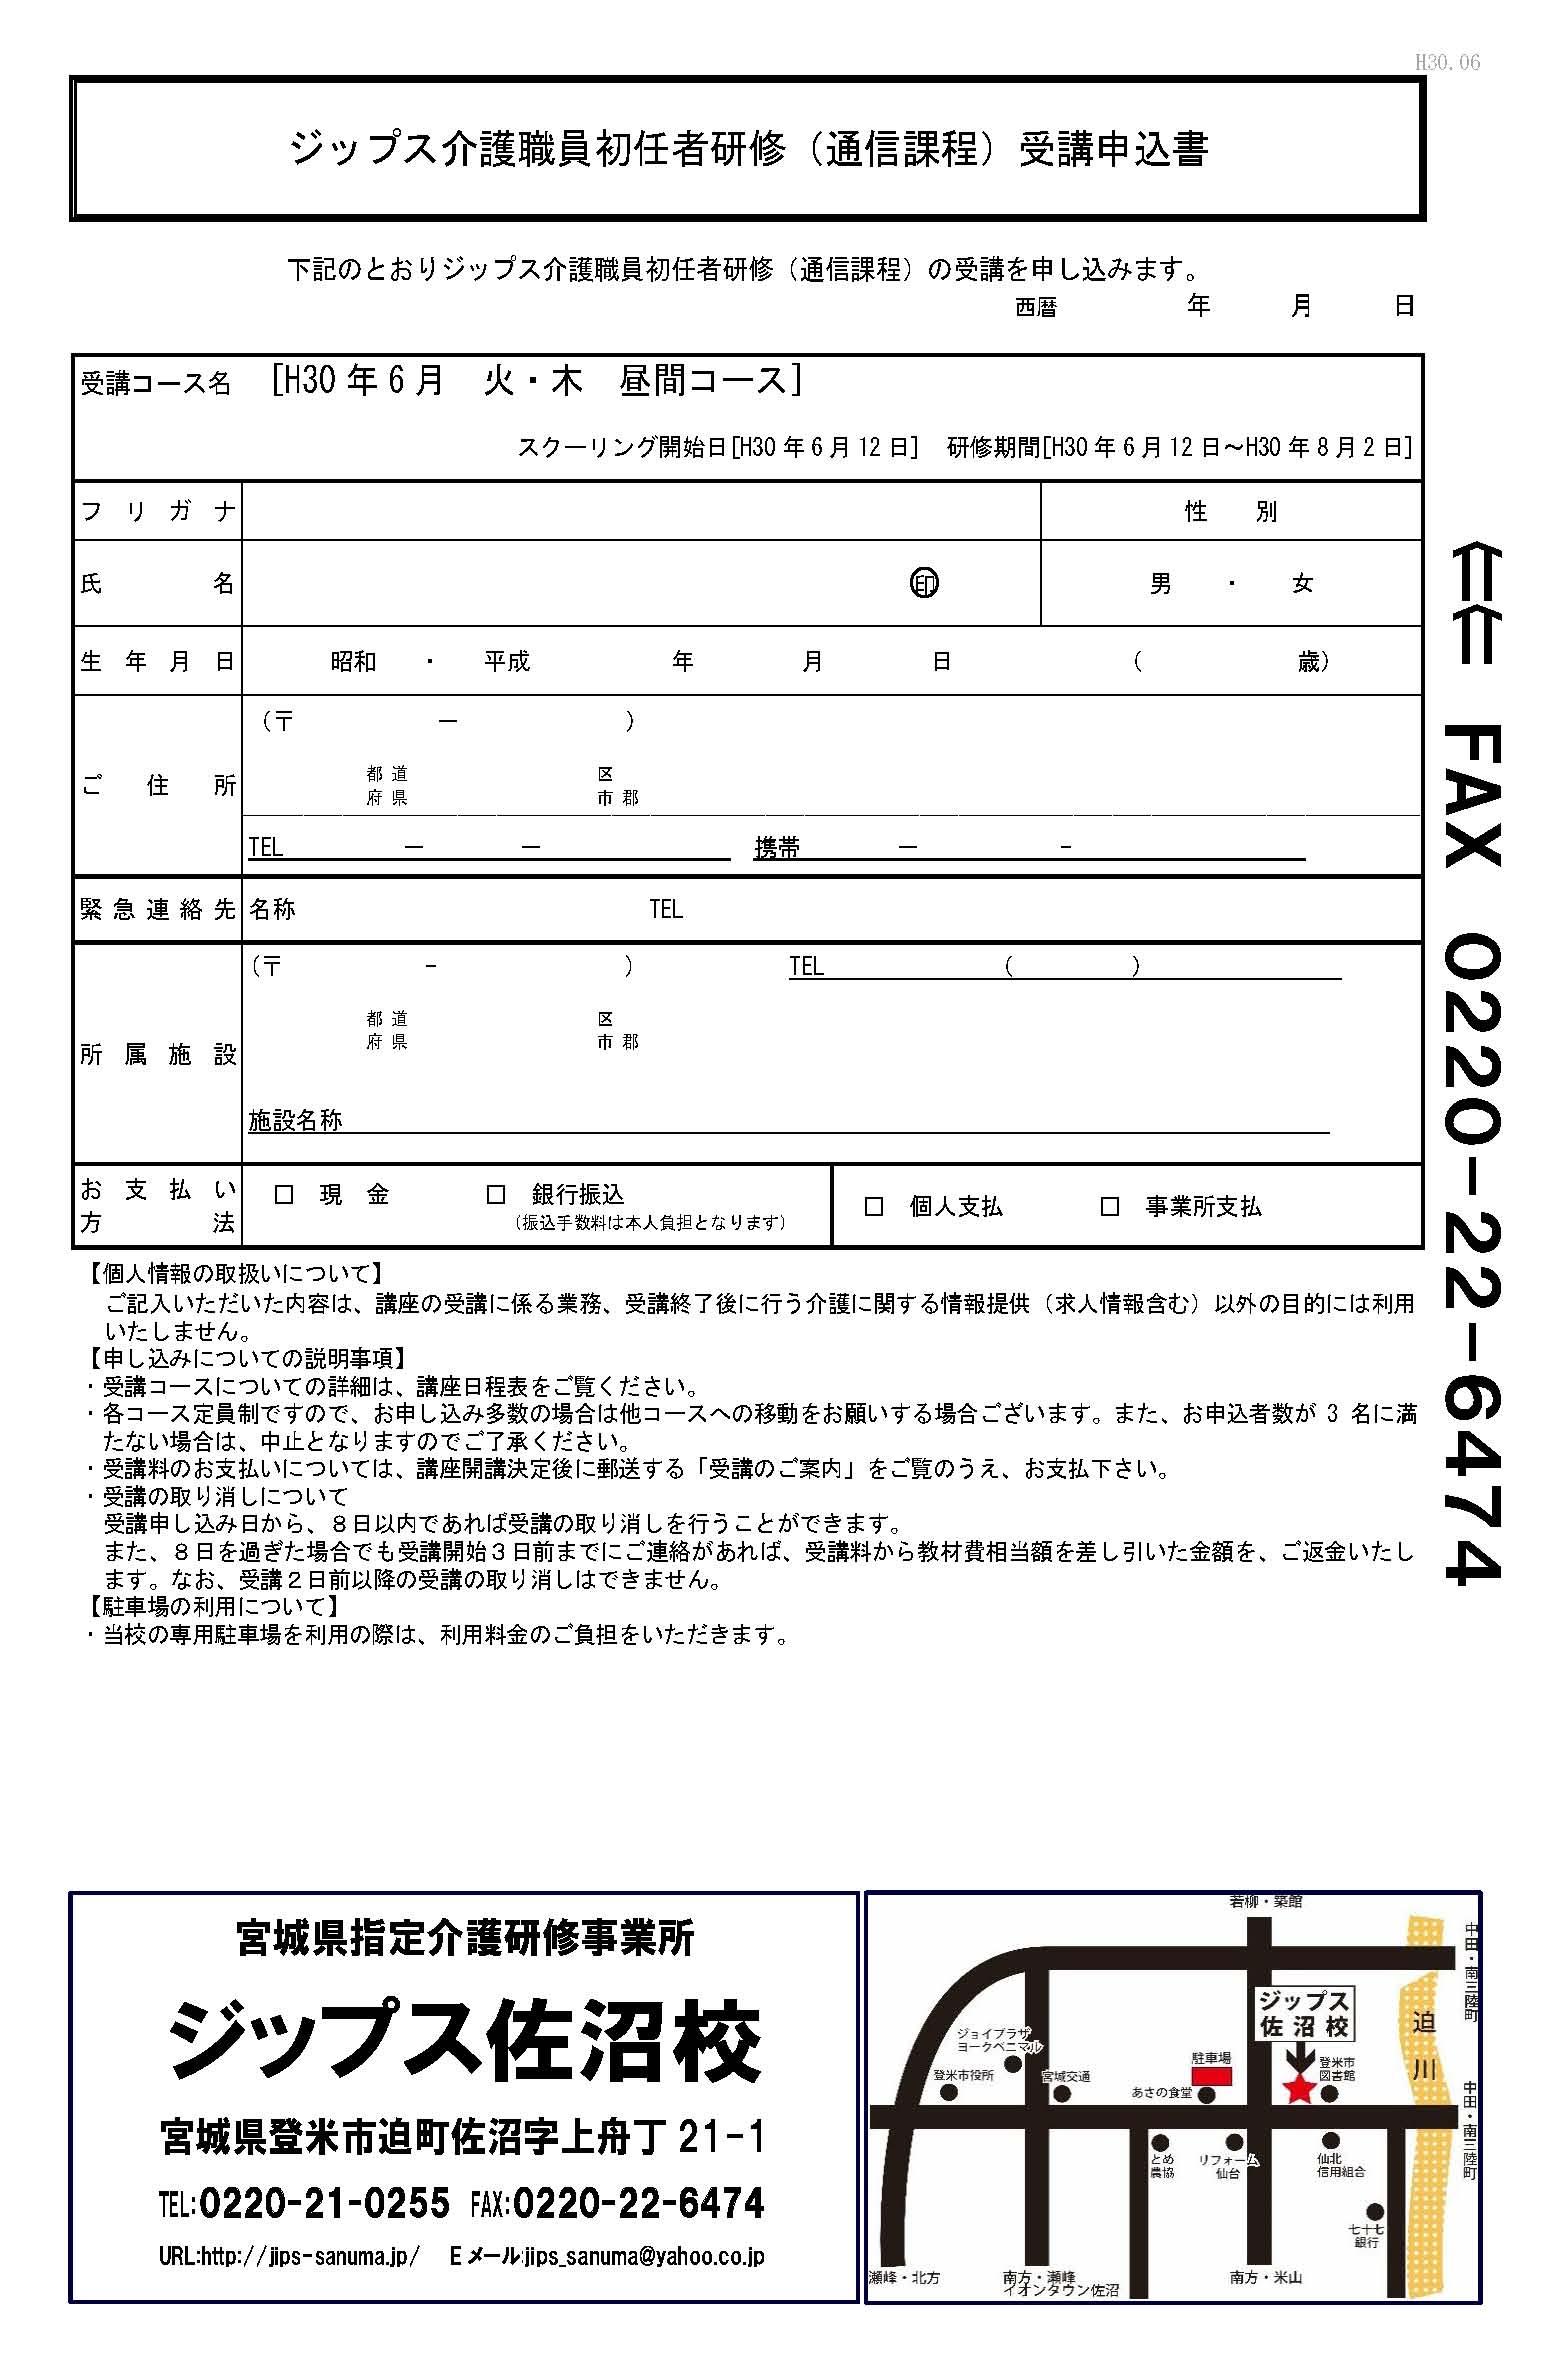 初任者研修募集チラシH30年6月(総合)_ページ_2